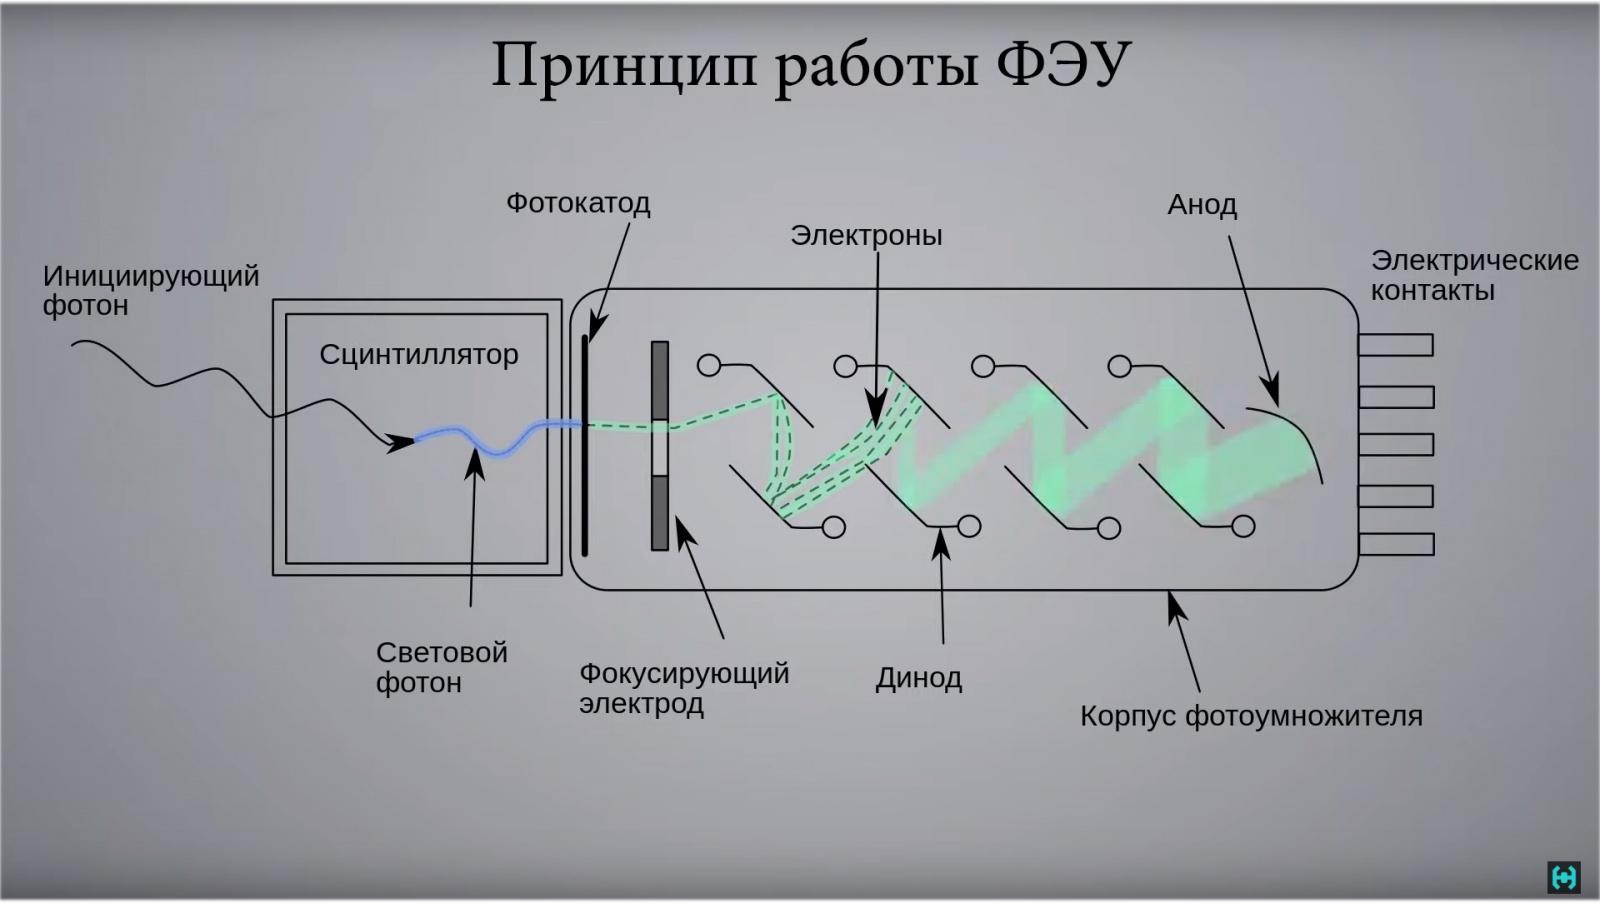 Радиоактивные продукты. Гамма-спектрометр. Часть 1 - 12